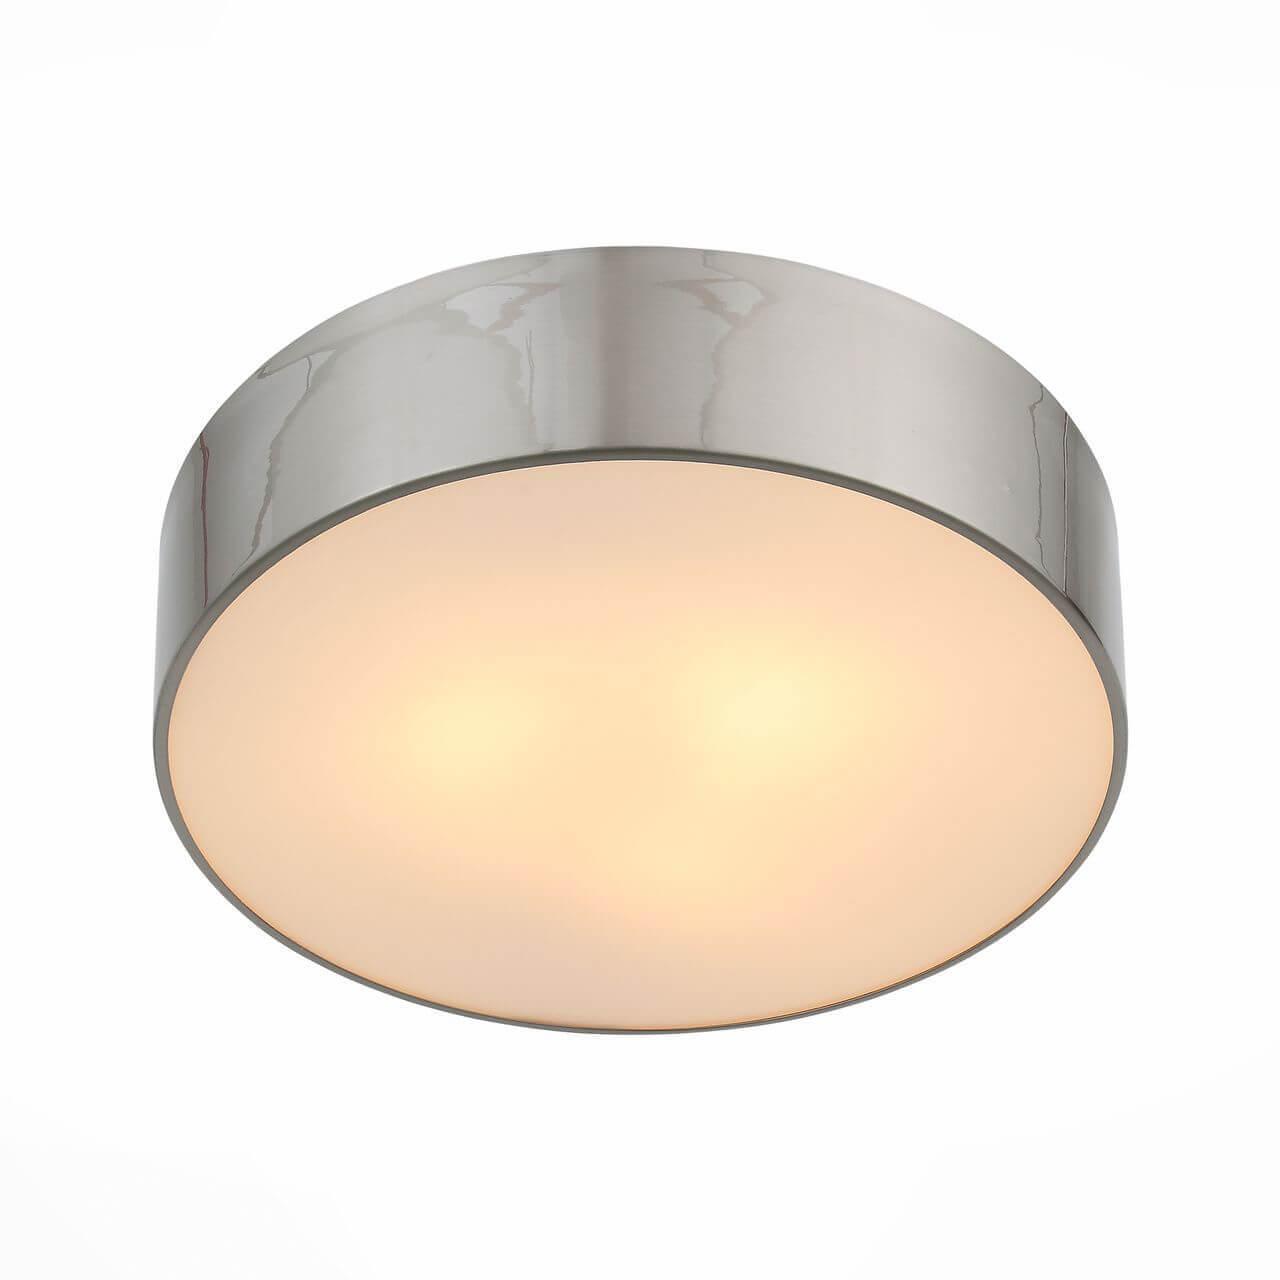 Потолочный светильник ST Luce Bagno SL468.502.03 st luce потолочный светильник st luce bagno sl496 502 03